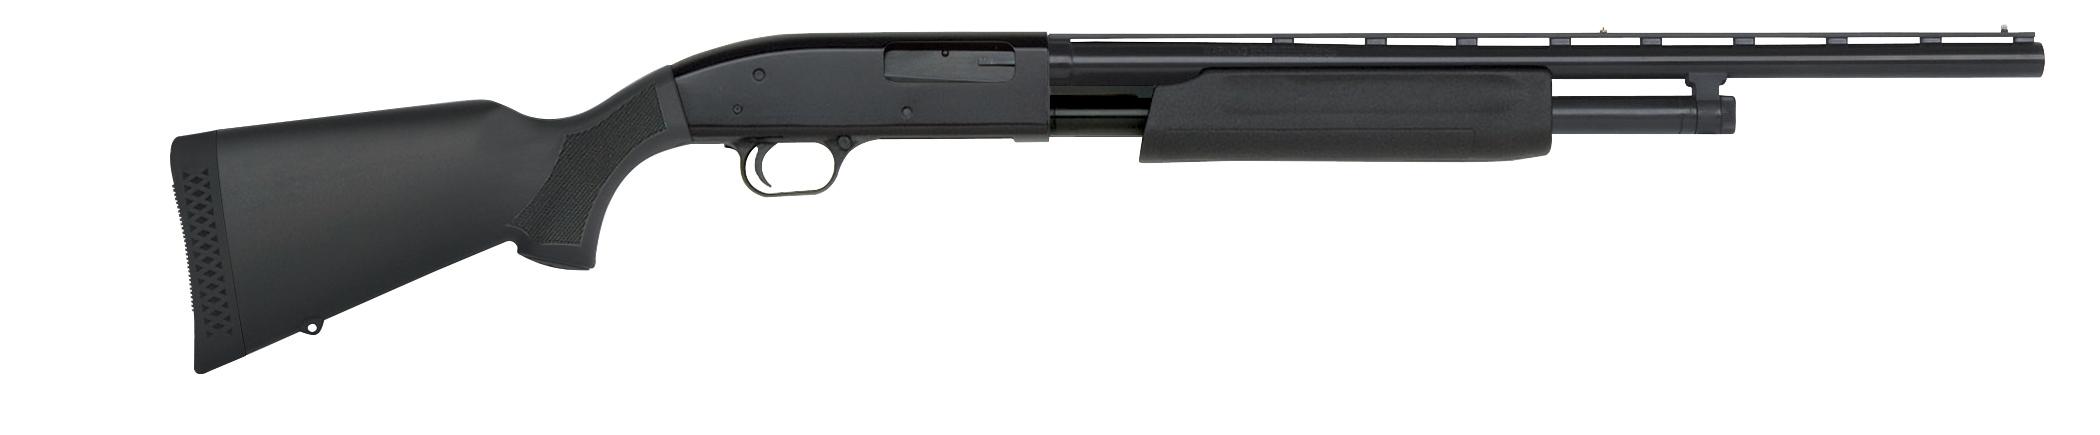 maverick-mod-88-22&quot-12ga-pump-action